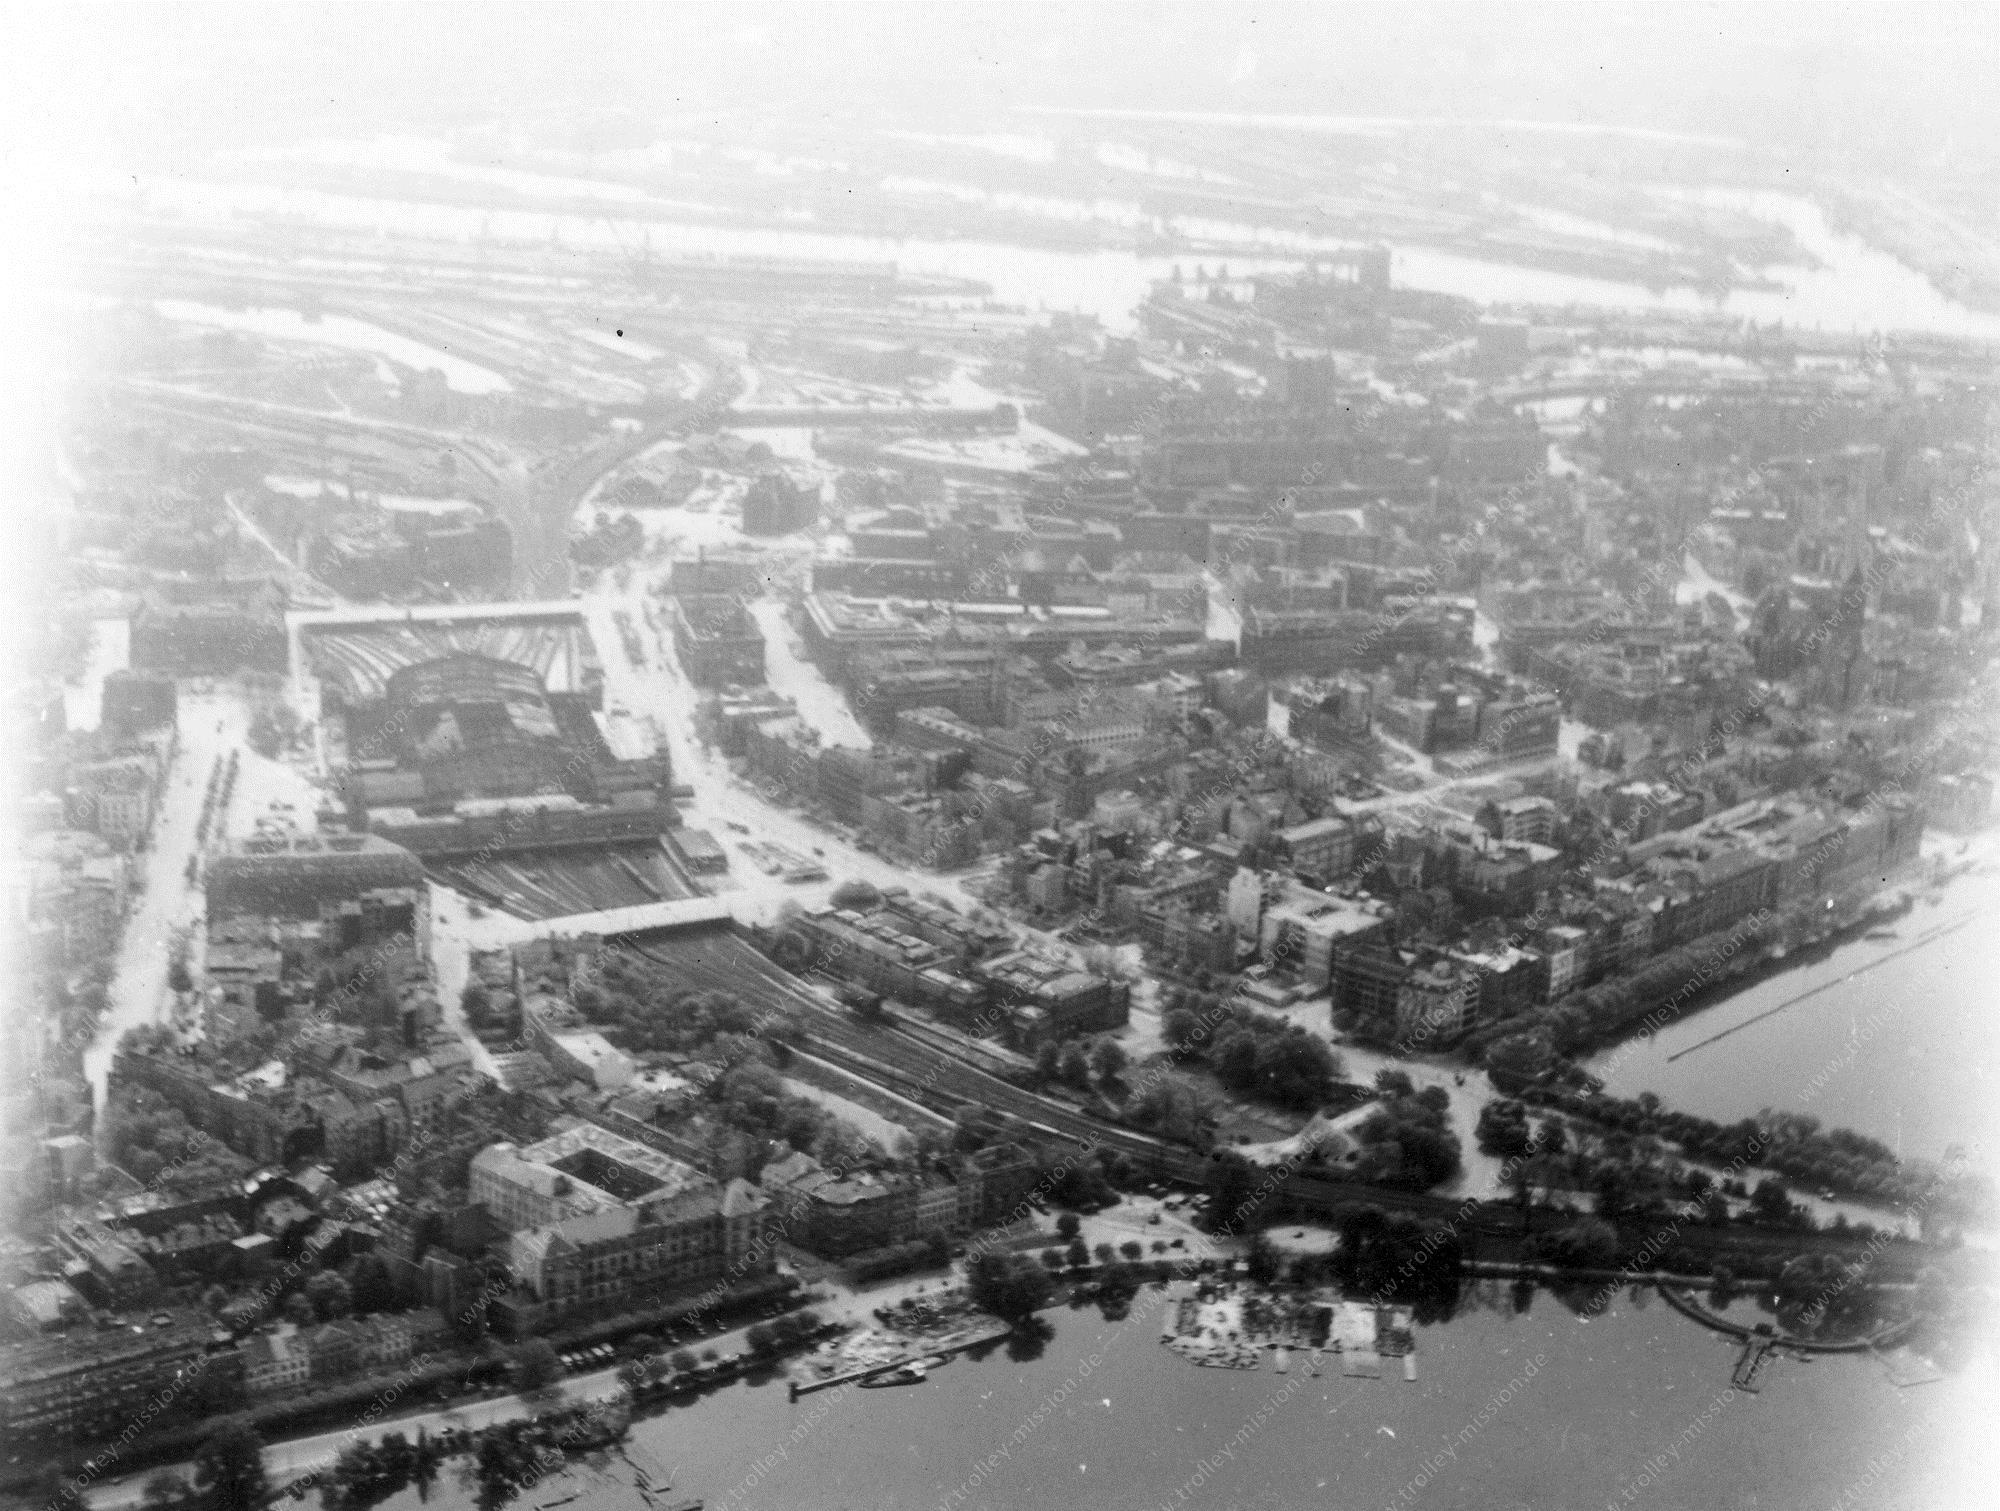 Hamburg Luftbild Außenalster, Lombardsbrücke und Binnenalster sowie Hauptbahnhof